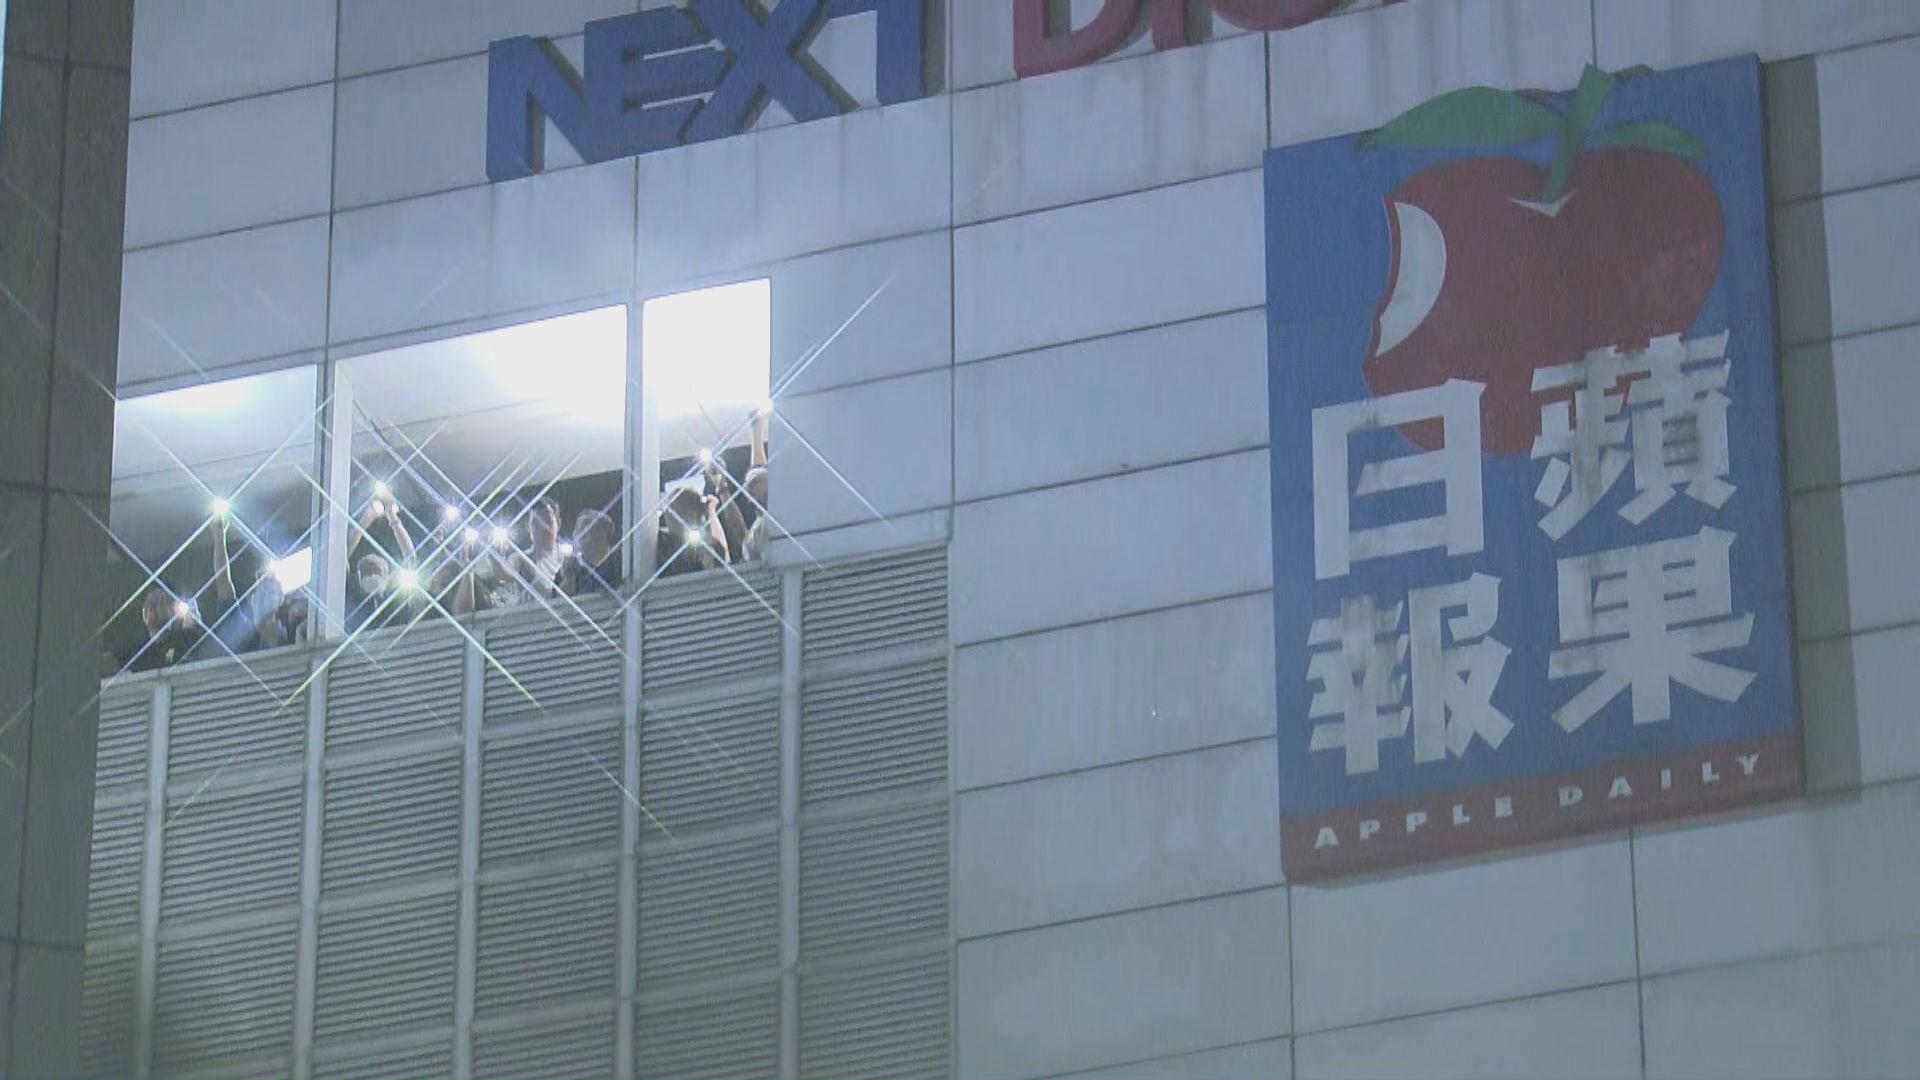 《蘋果日報》午夜後停運 市民冒雨到壹傳媒大樓表支持